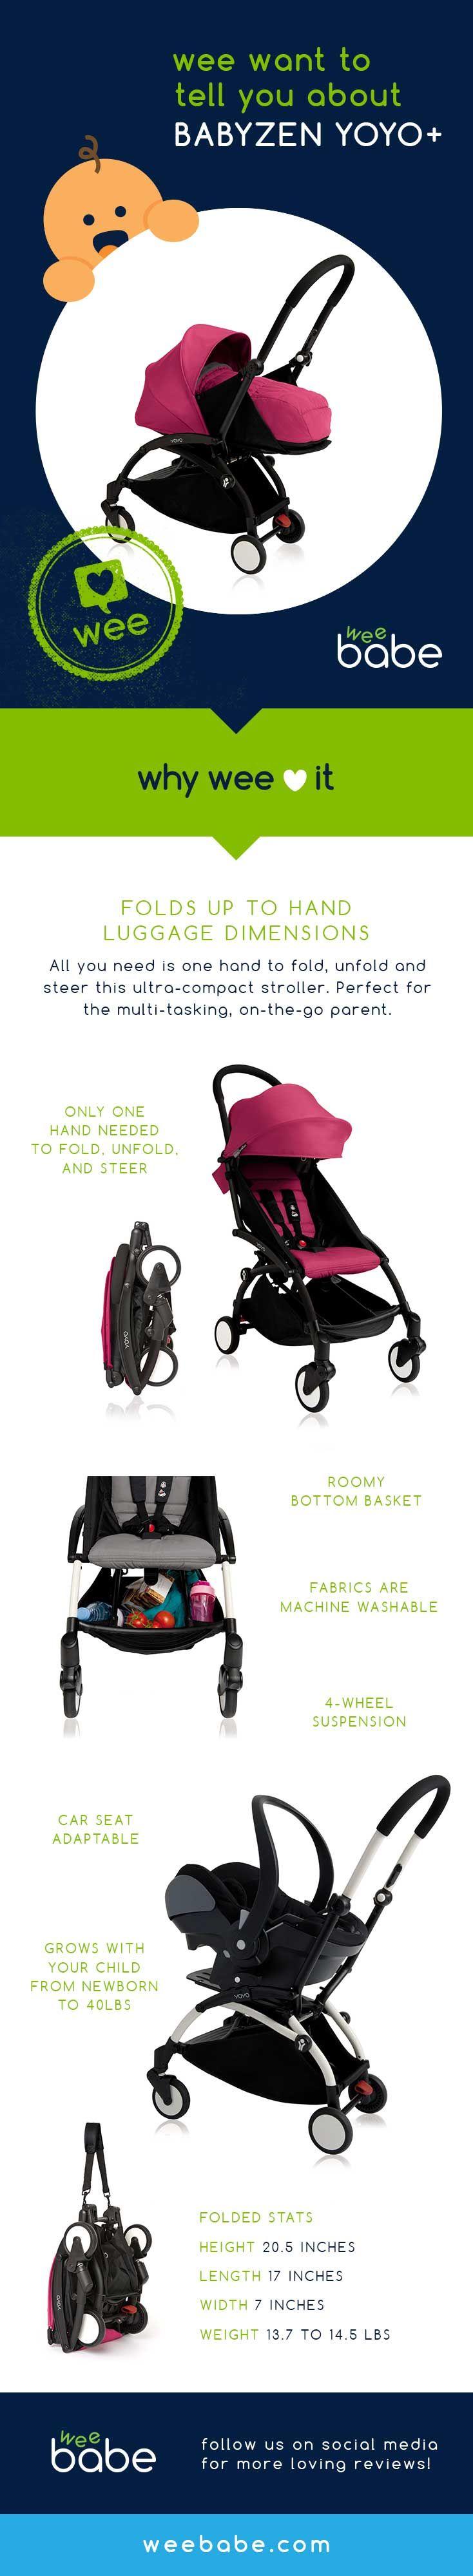 BABYZEN YOYO+ Stroller Review. Wee love the BABYZEN